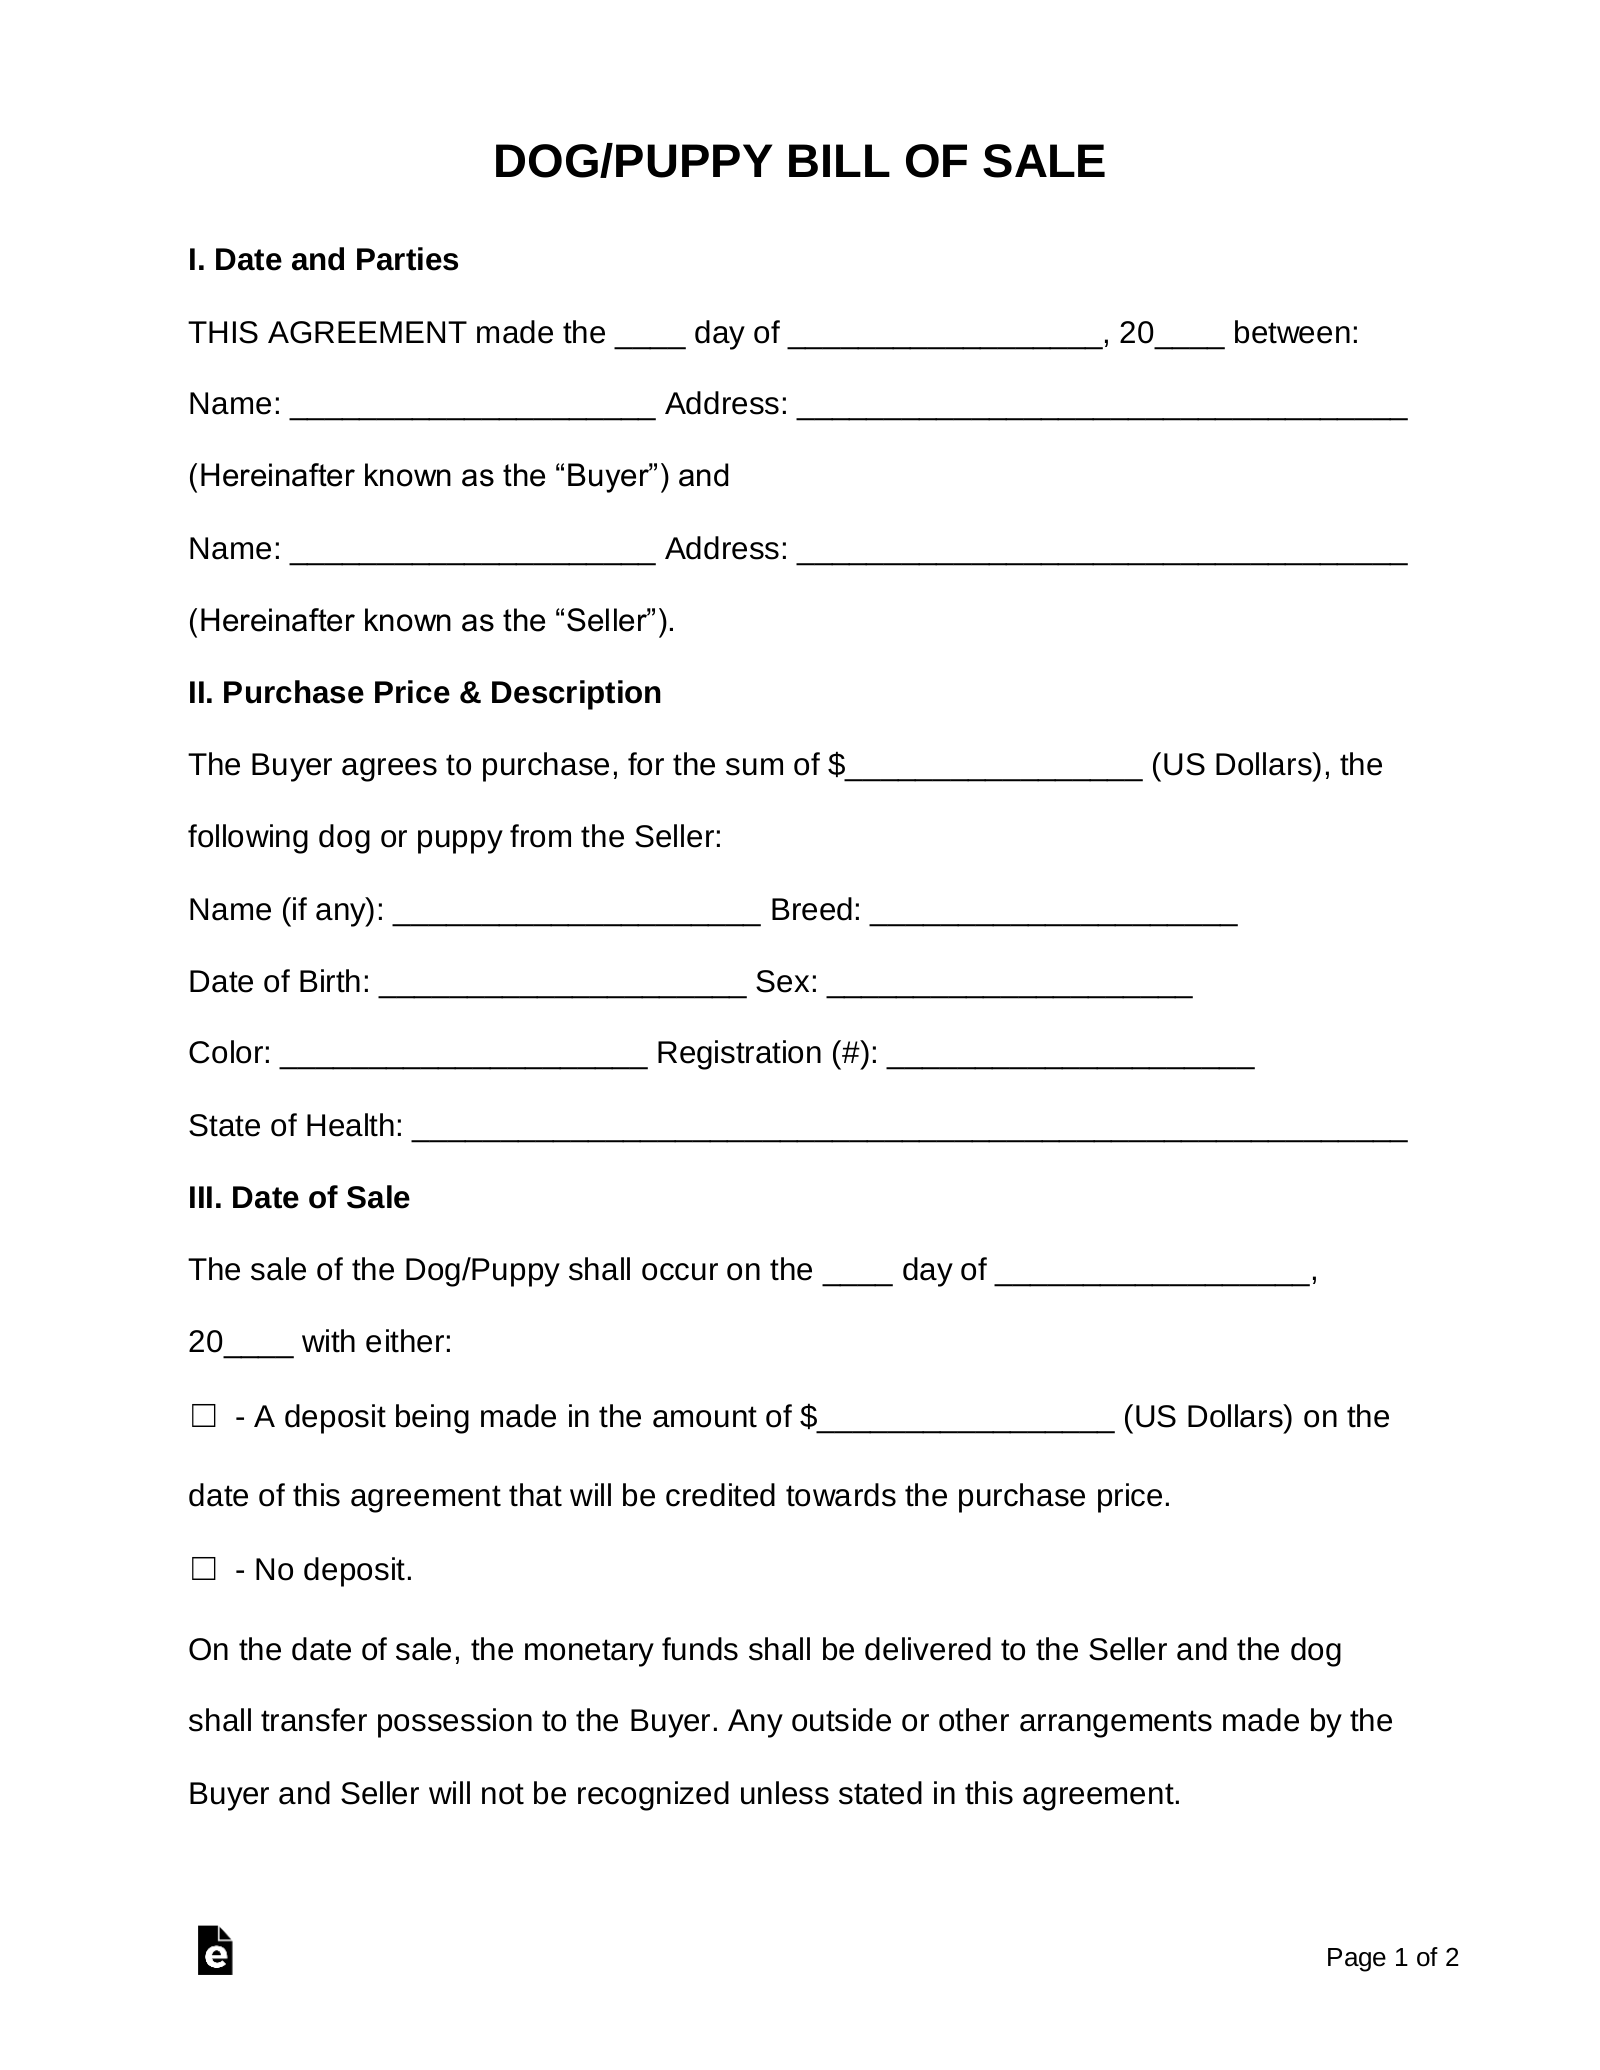 Free Dog/Puppy Bill of Sale Form - Word | PDF | eForms